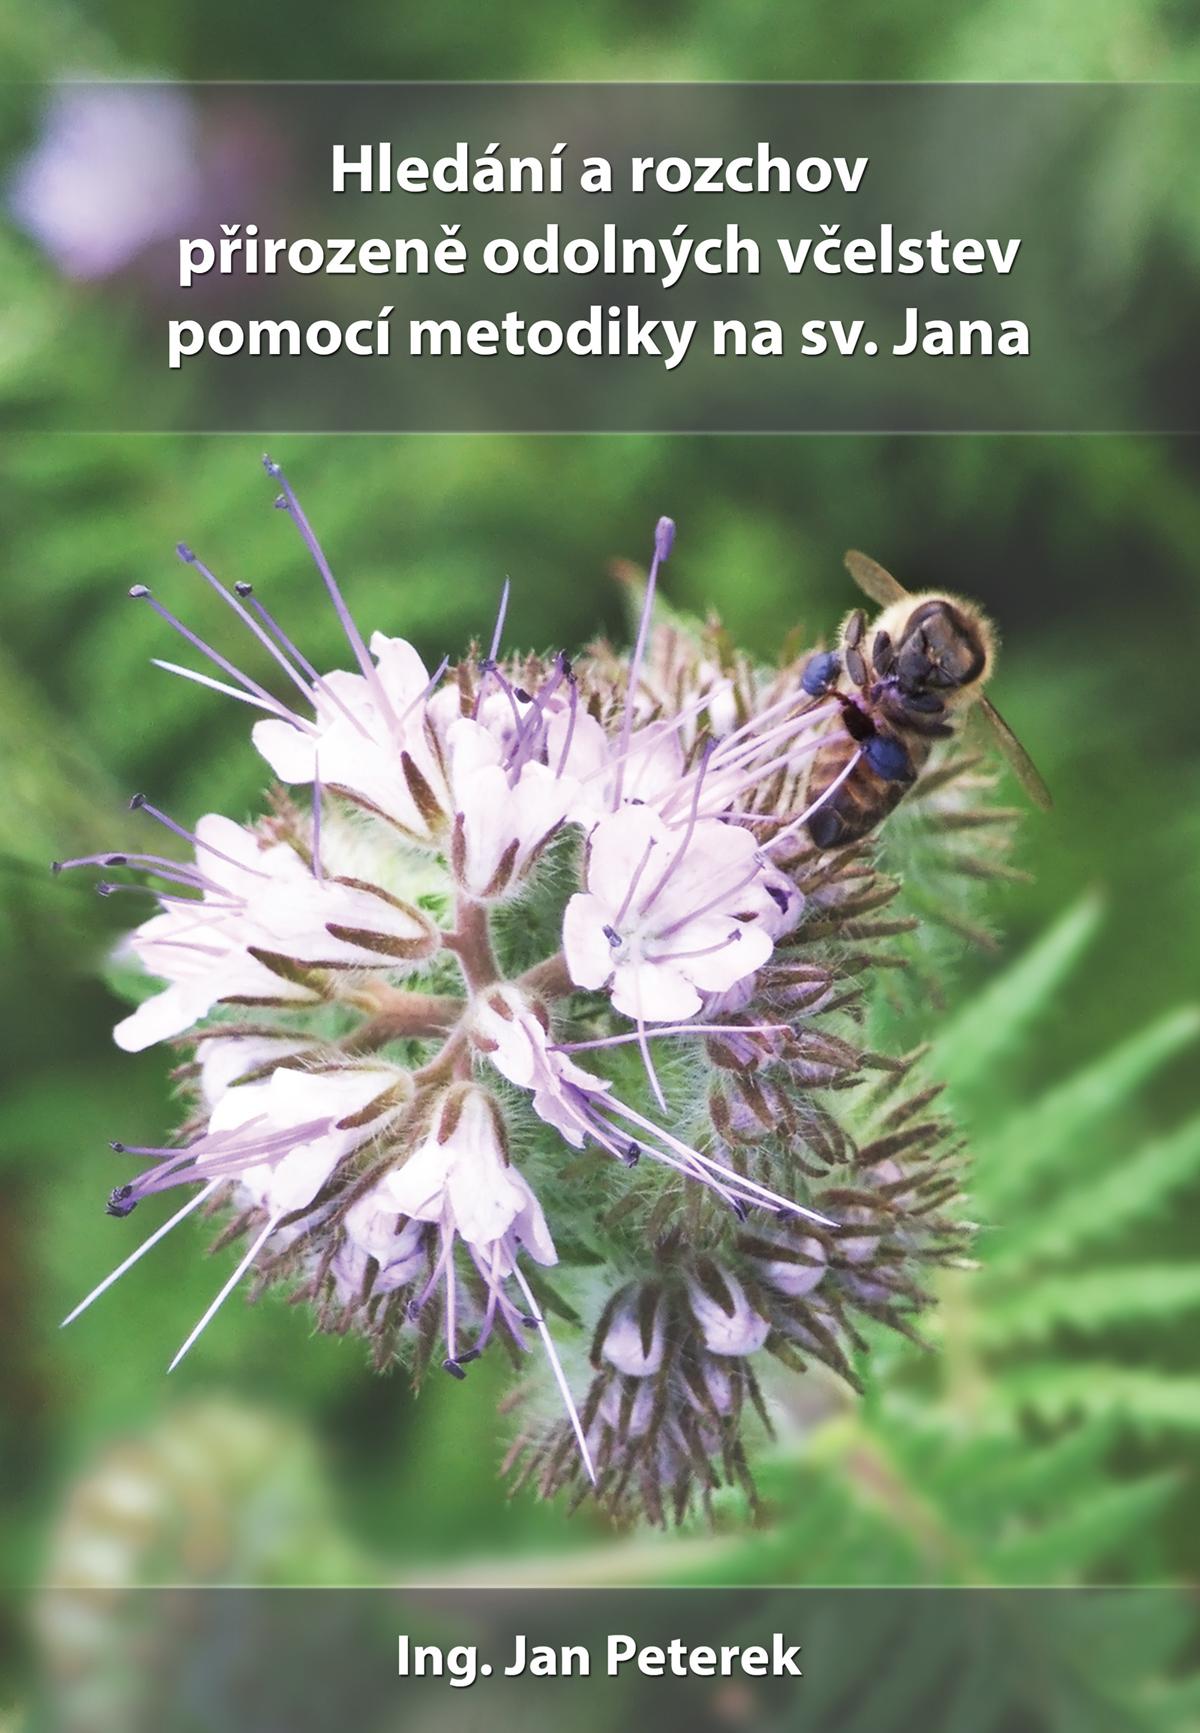 Hledání a rozchov přirozeně odolných včelstev pomocí metodiky na sv. Jana